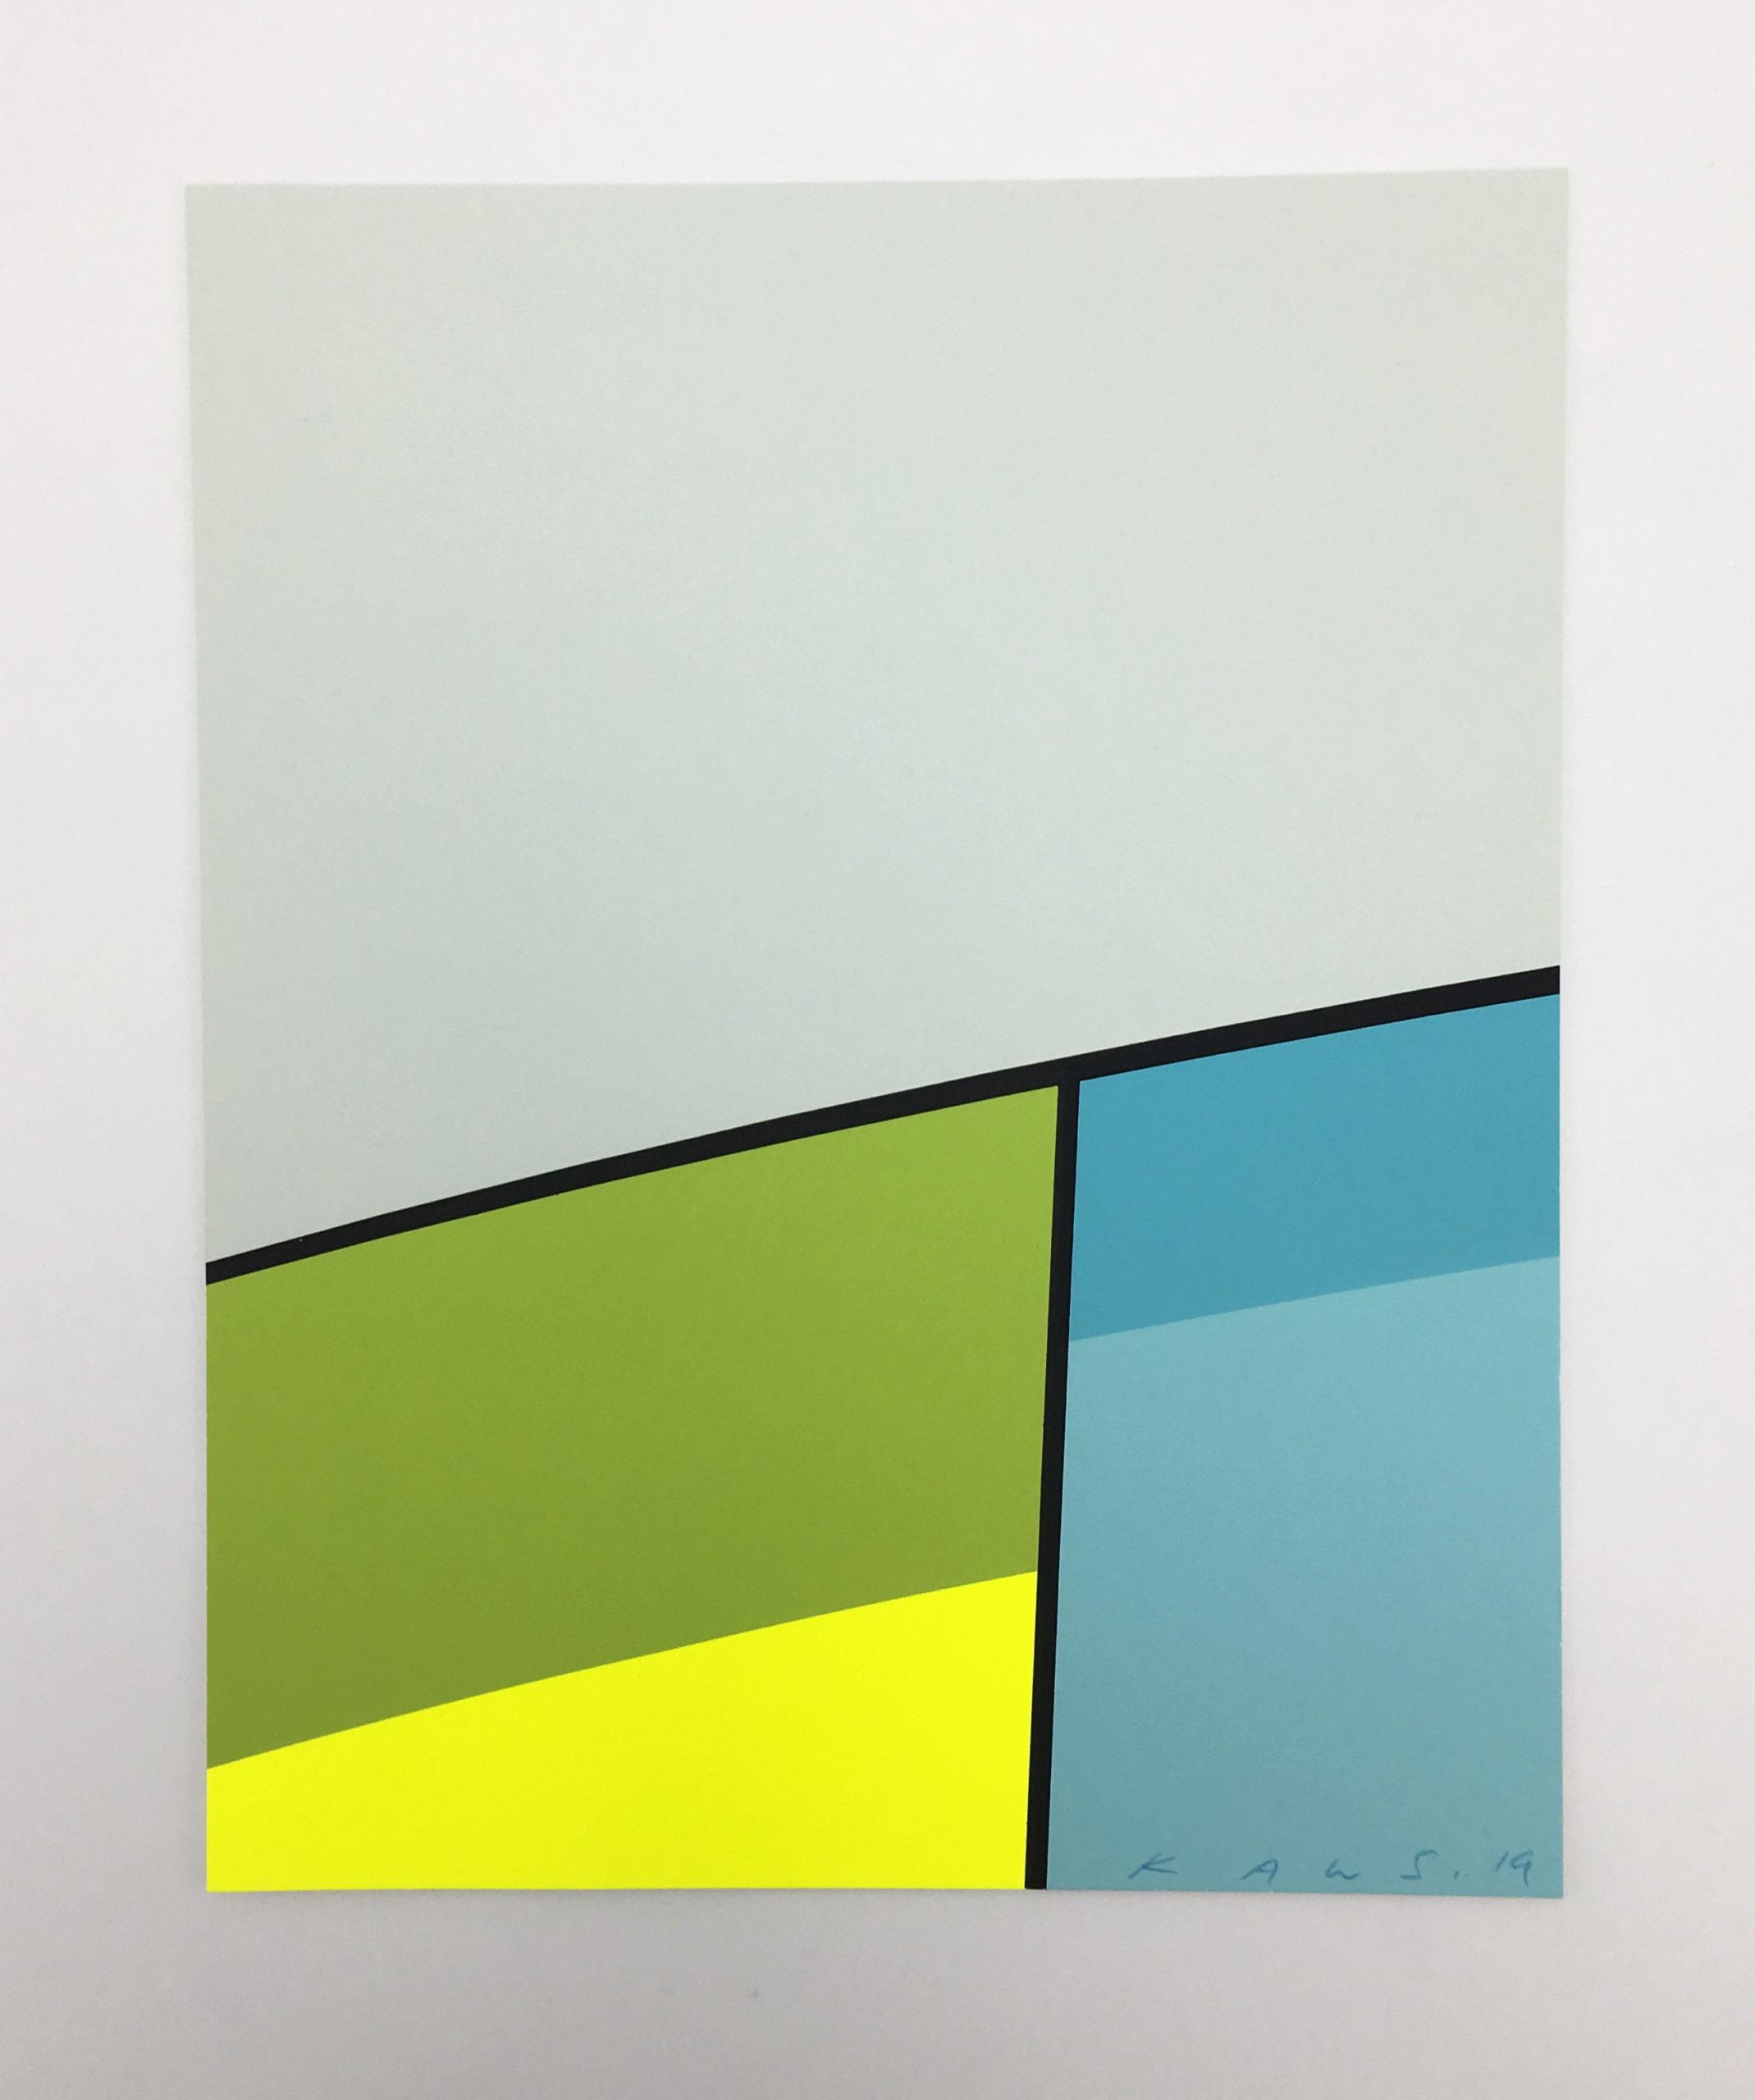 Untitled (mocad) by KAWS